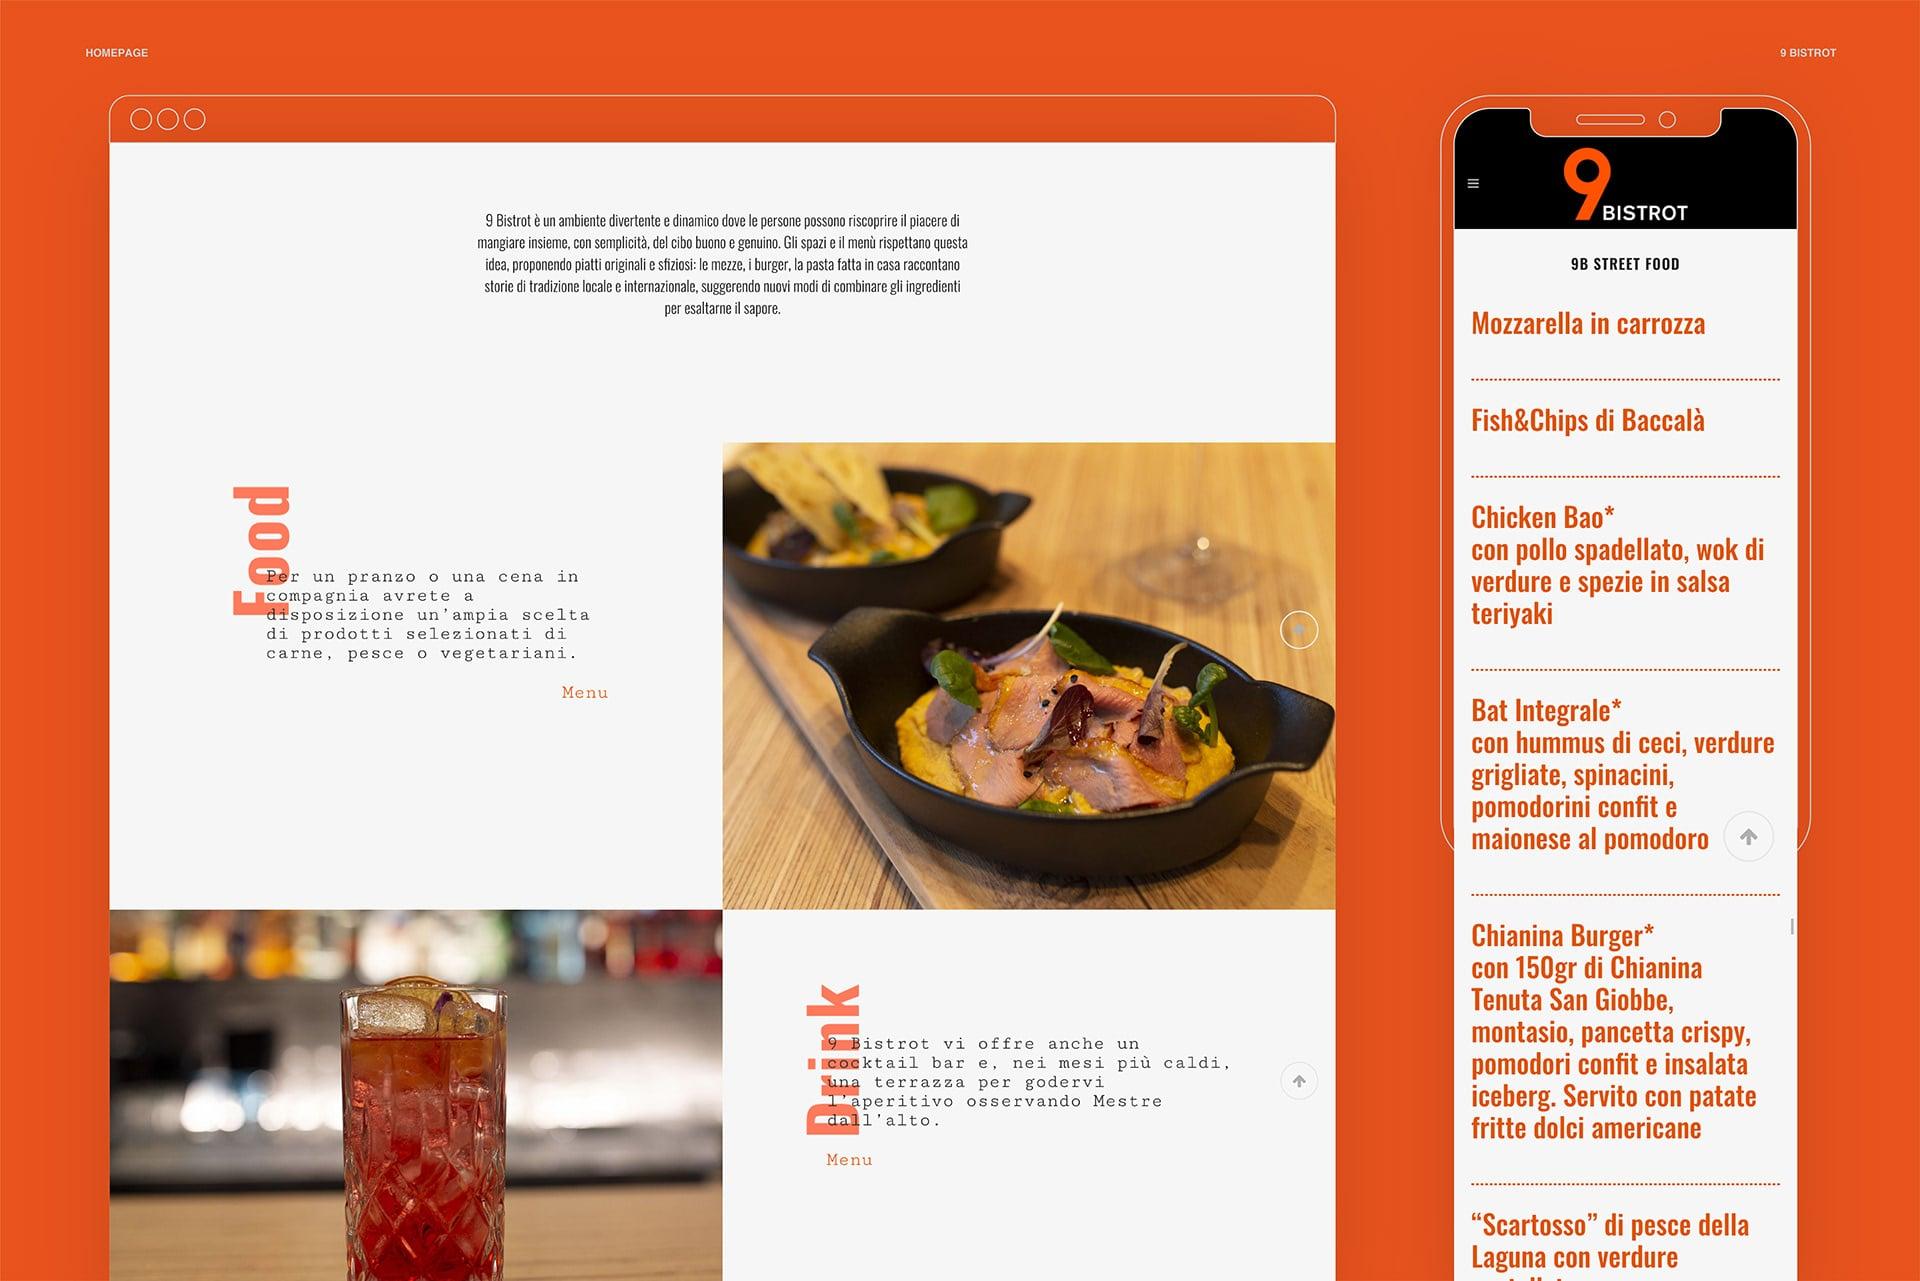 9 Bistrot website